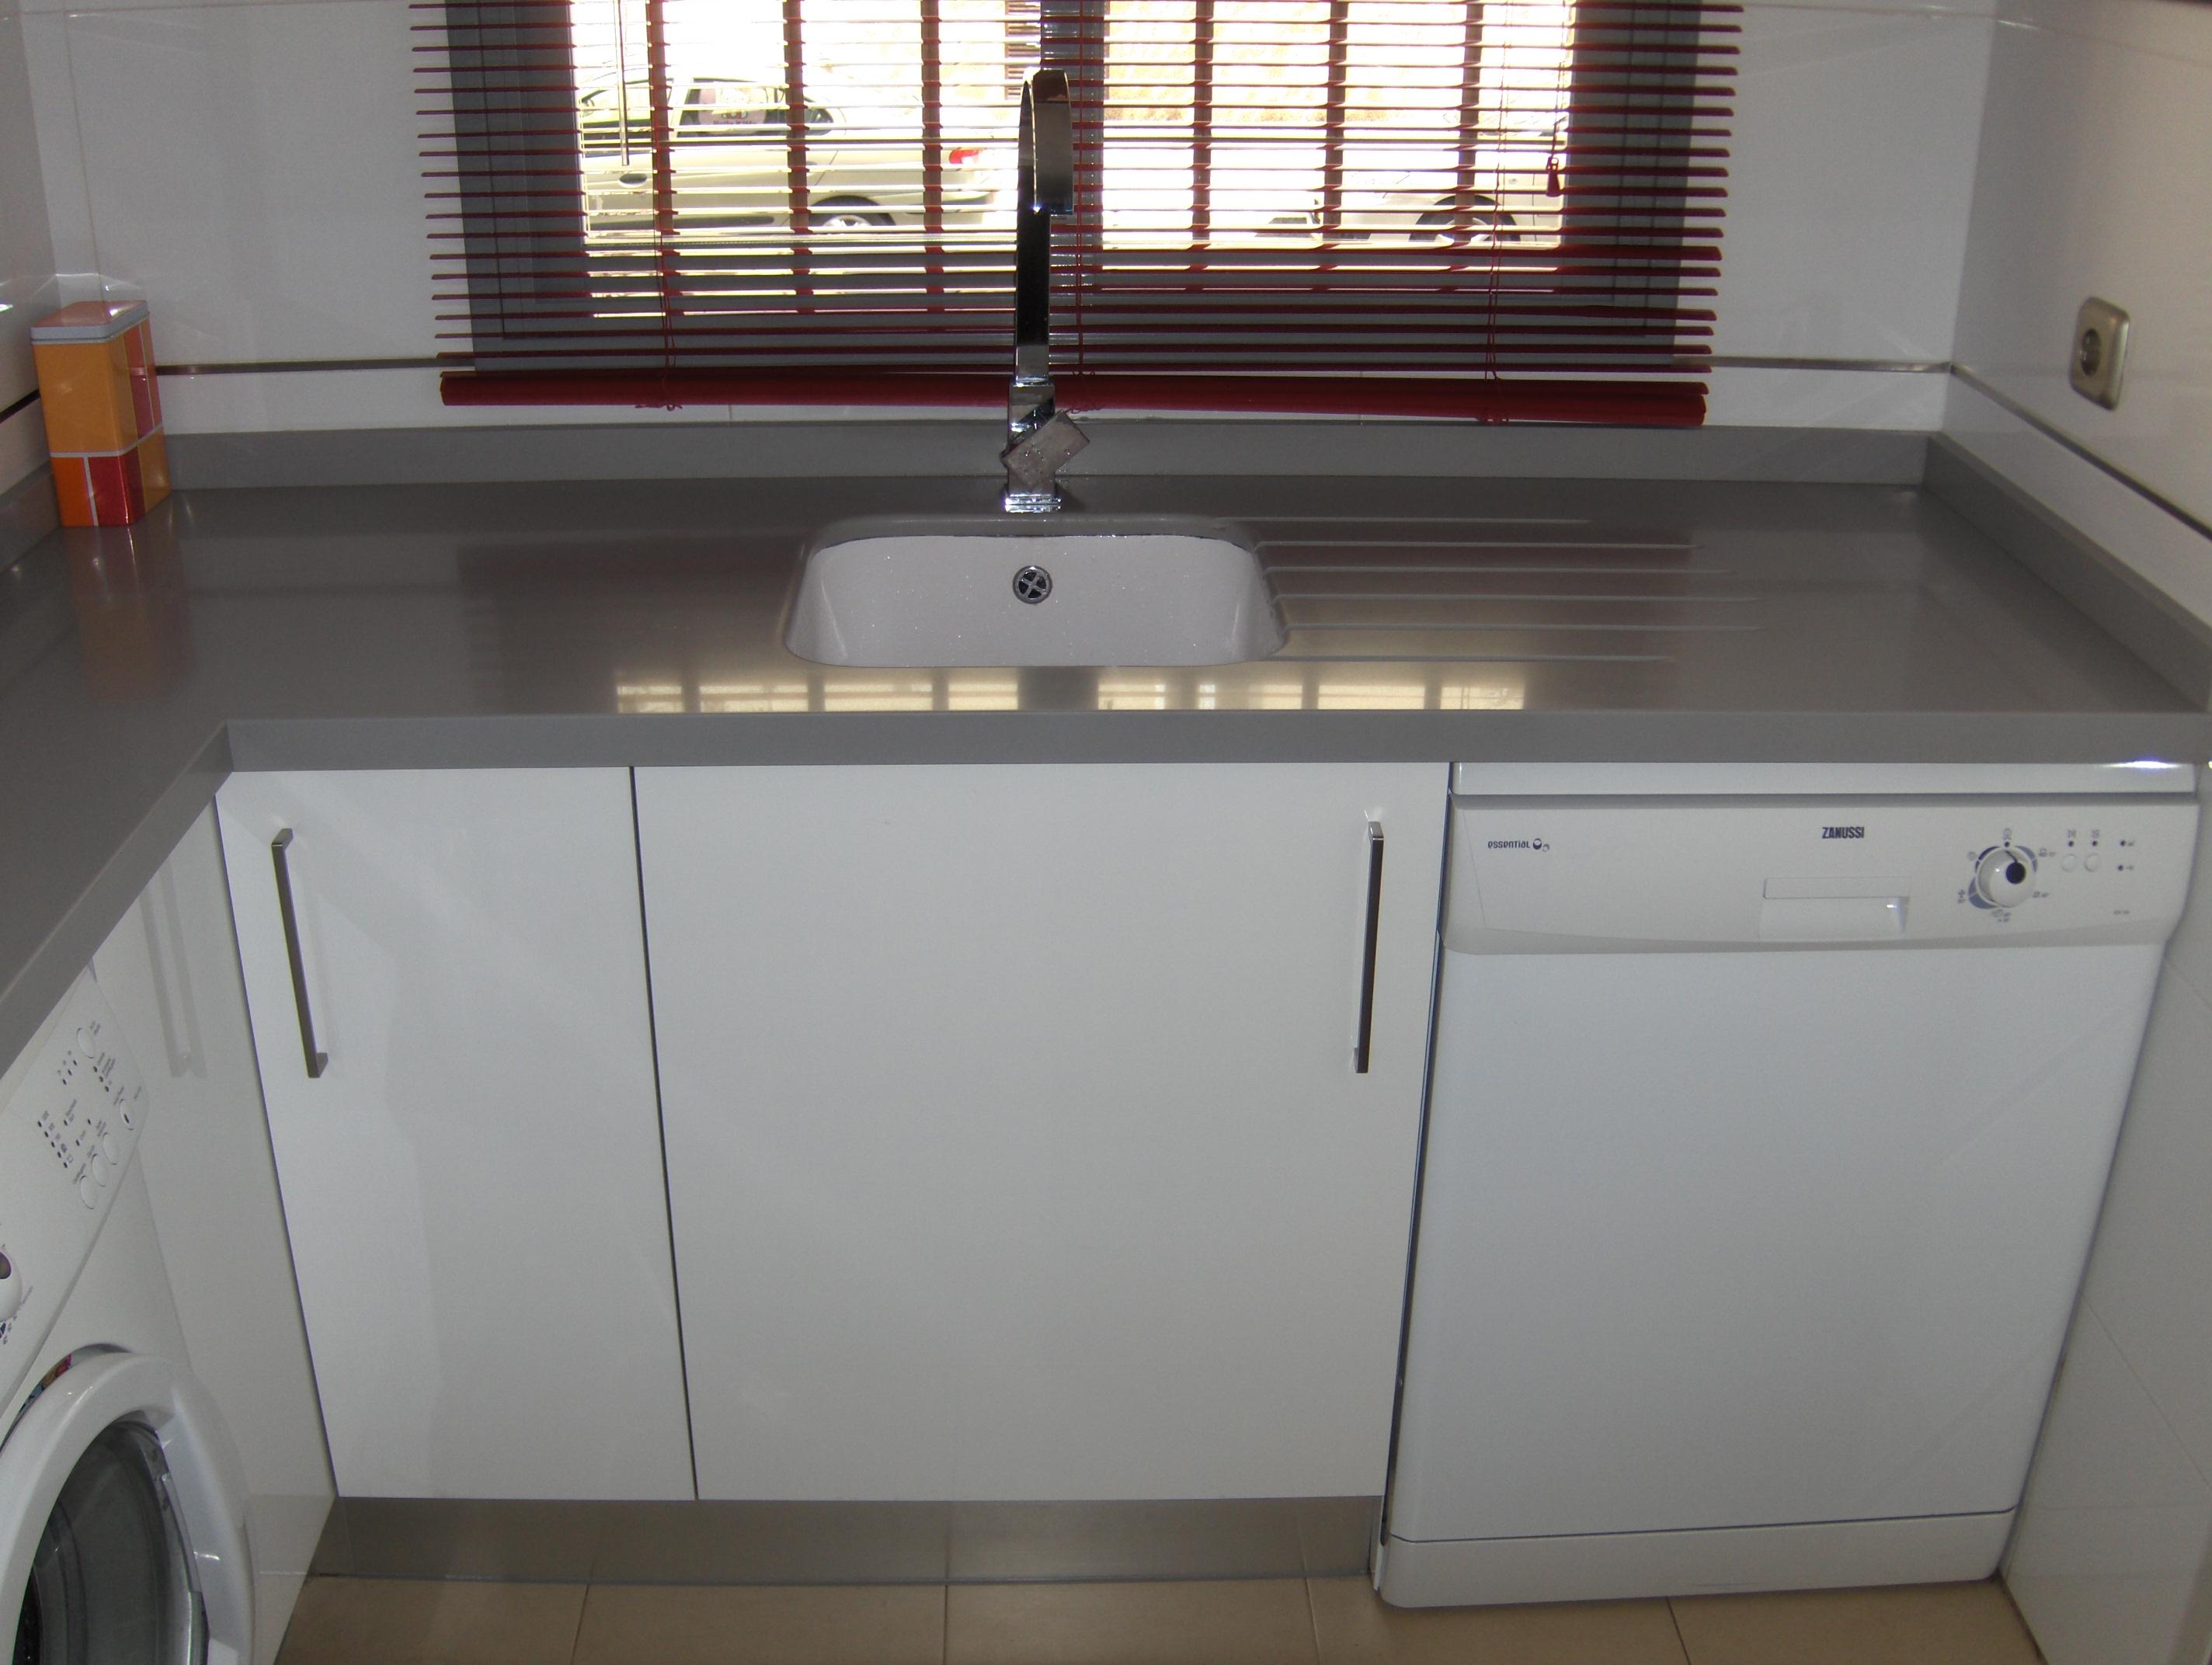 Cocina gris encimera blanca perfect muebles cocina for Cocina blanca encimera roja